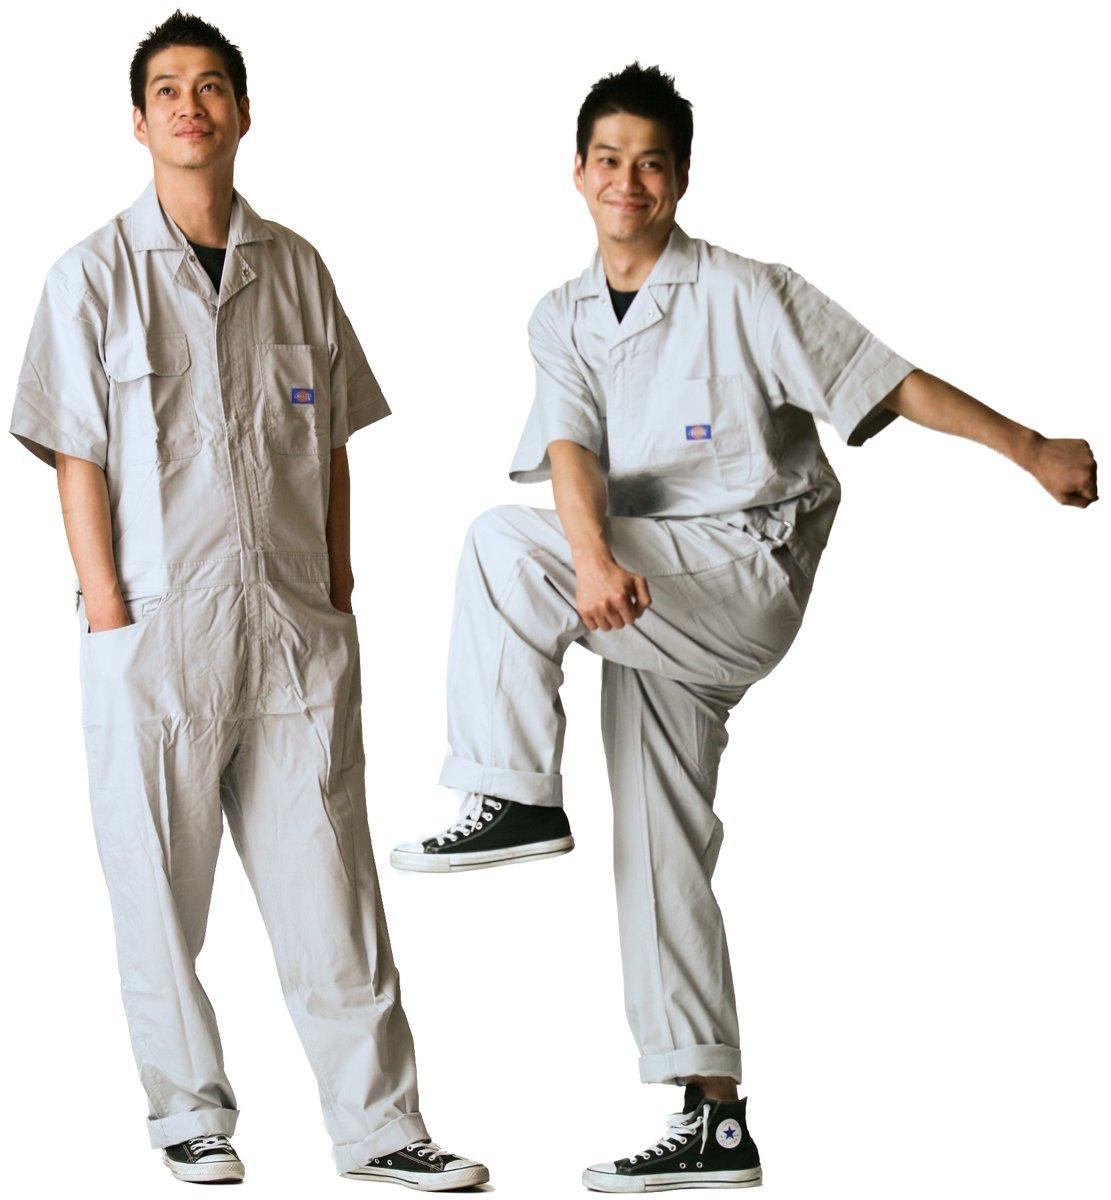 ディッキーズ Dickies (山田辰)夏用半袖 ツヅキ服 713 シルバーグレイ Lサイズ B008PO5TG8 L|シルバーグレイ